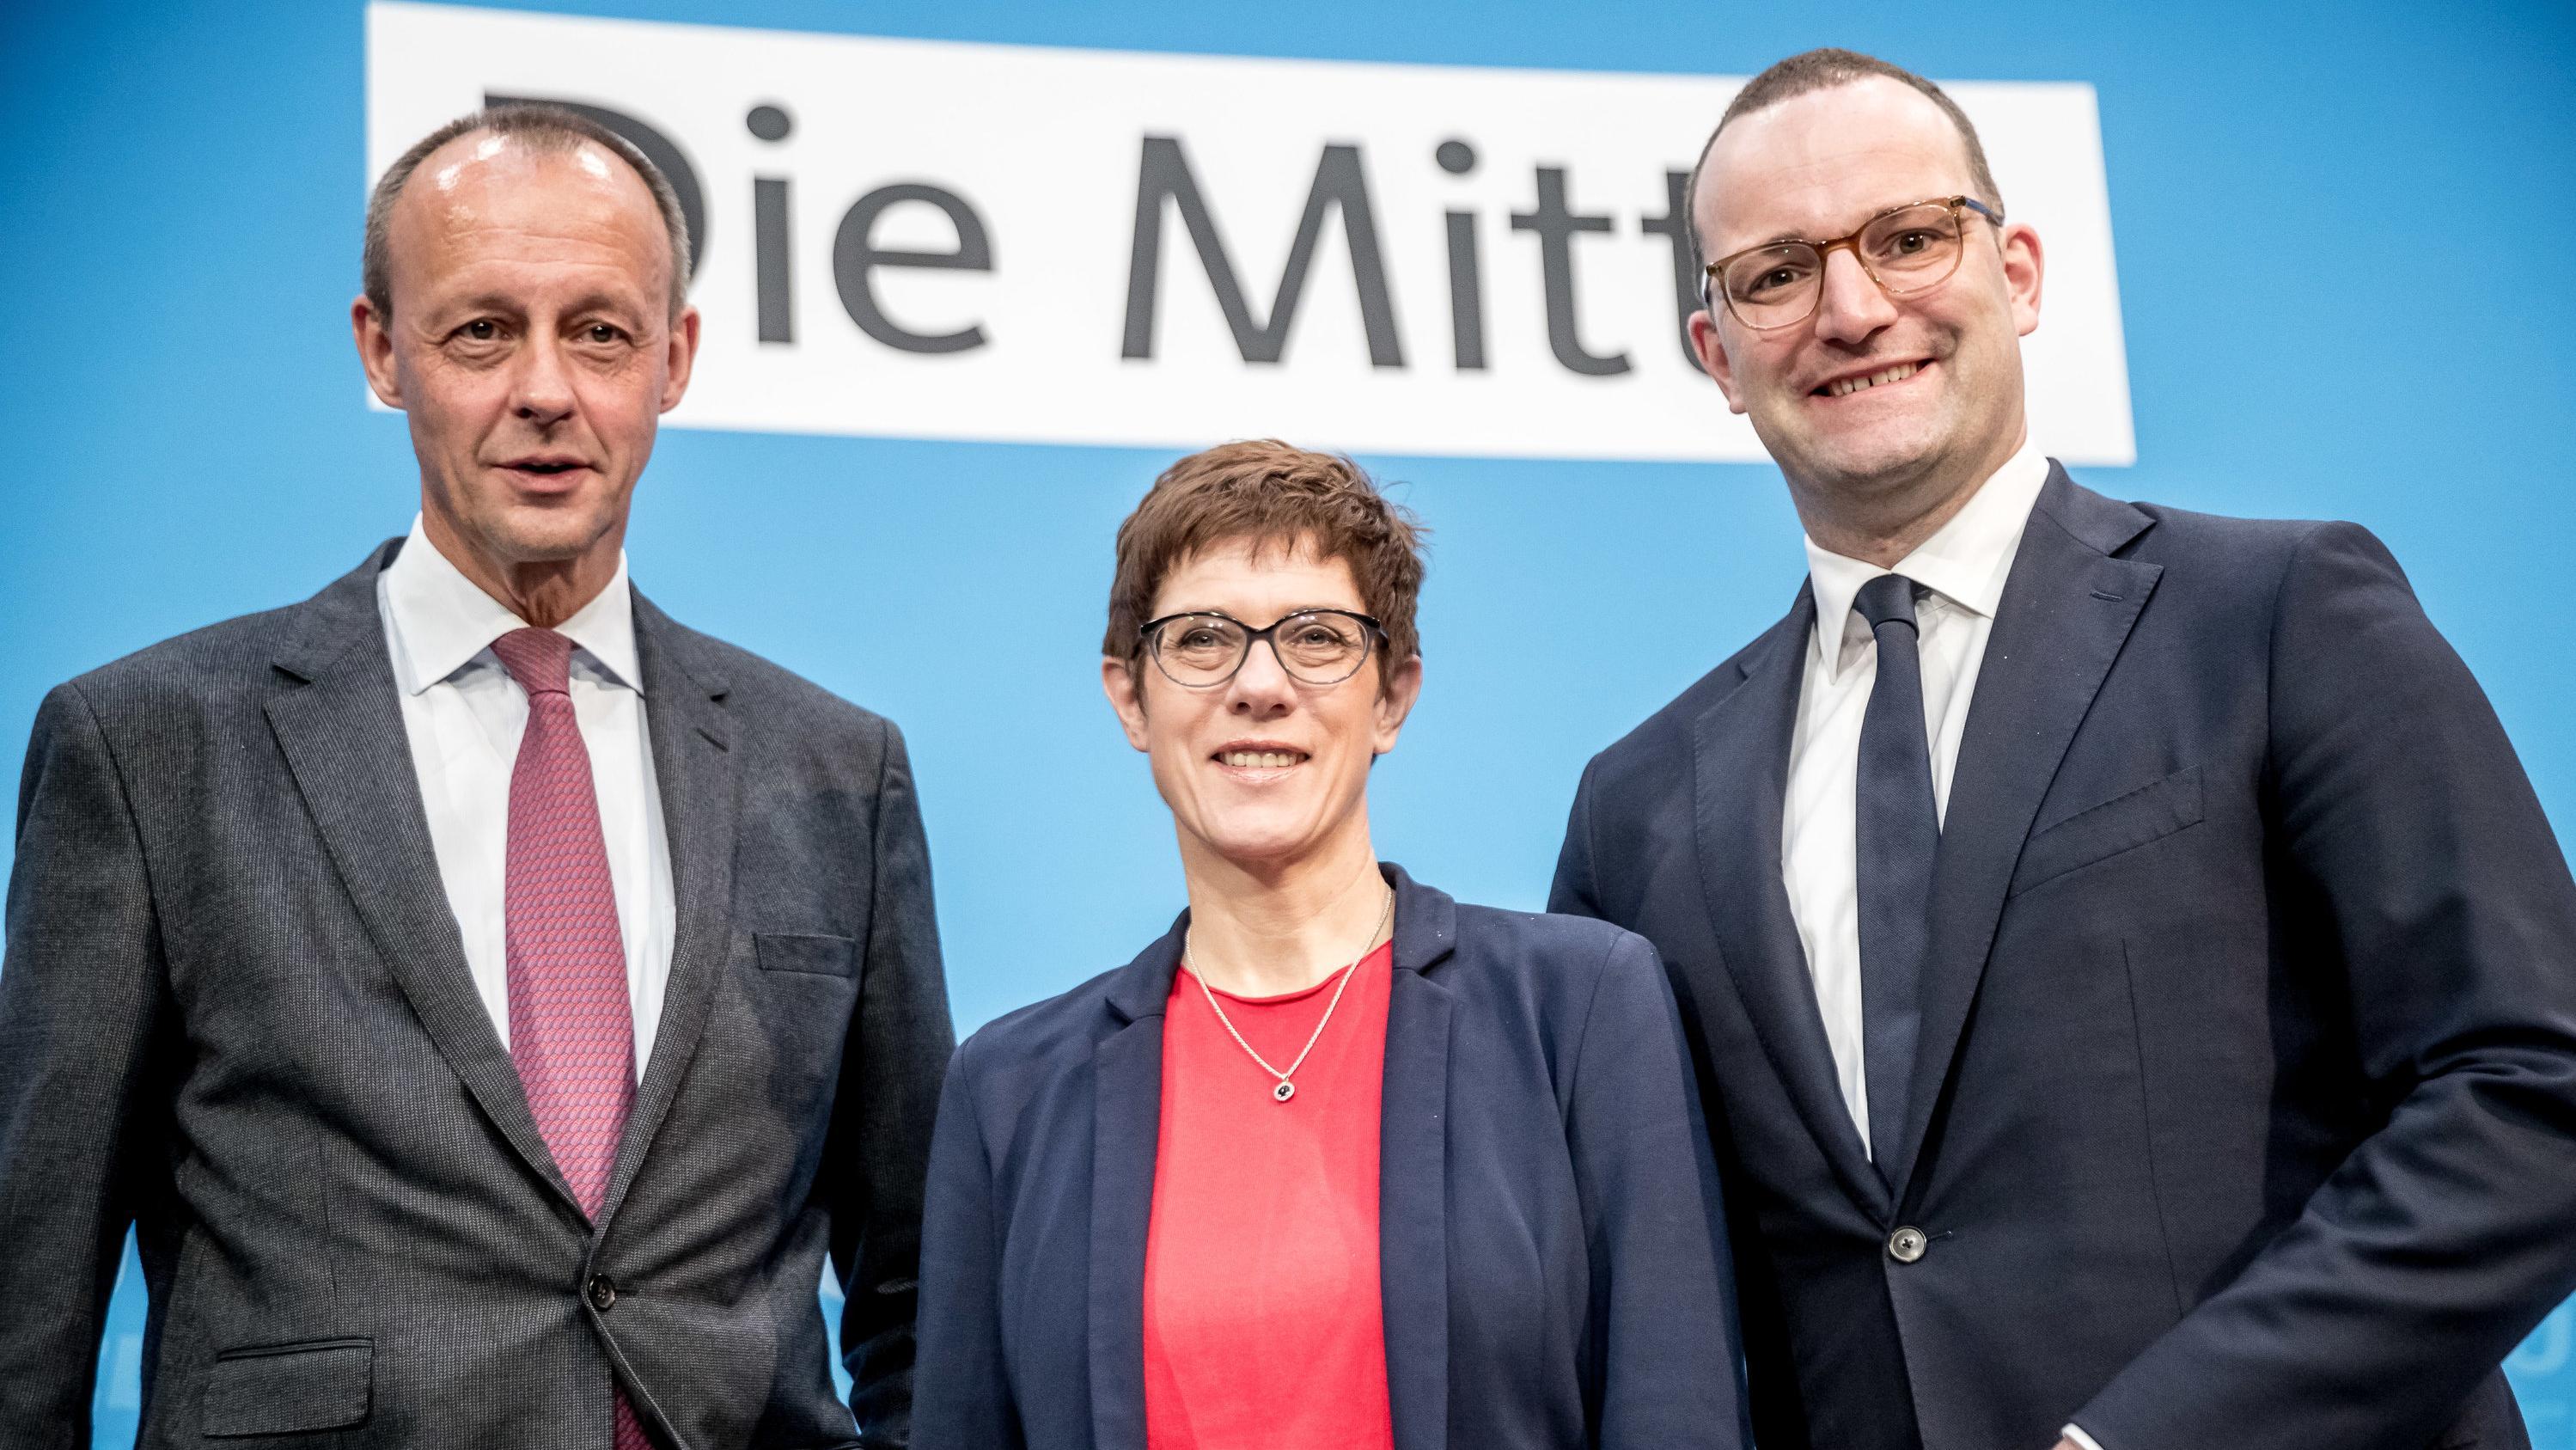 Drei der Kandidaten für den CDU-Parteivorsitz: Friedrich Merz, Annegret Kramp-Karrenbauer und Jens Spahn